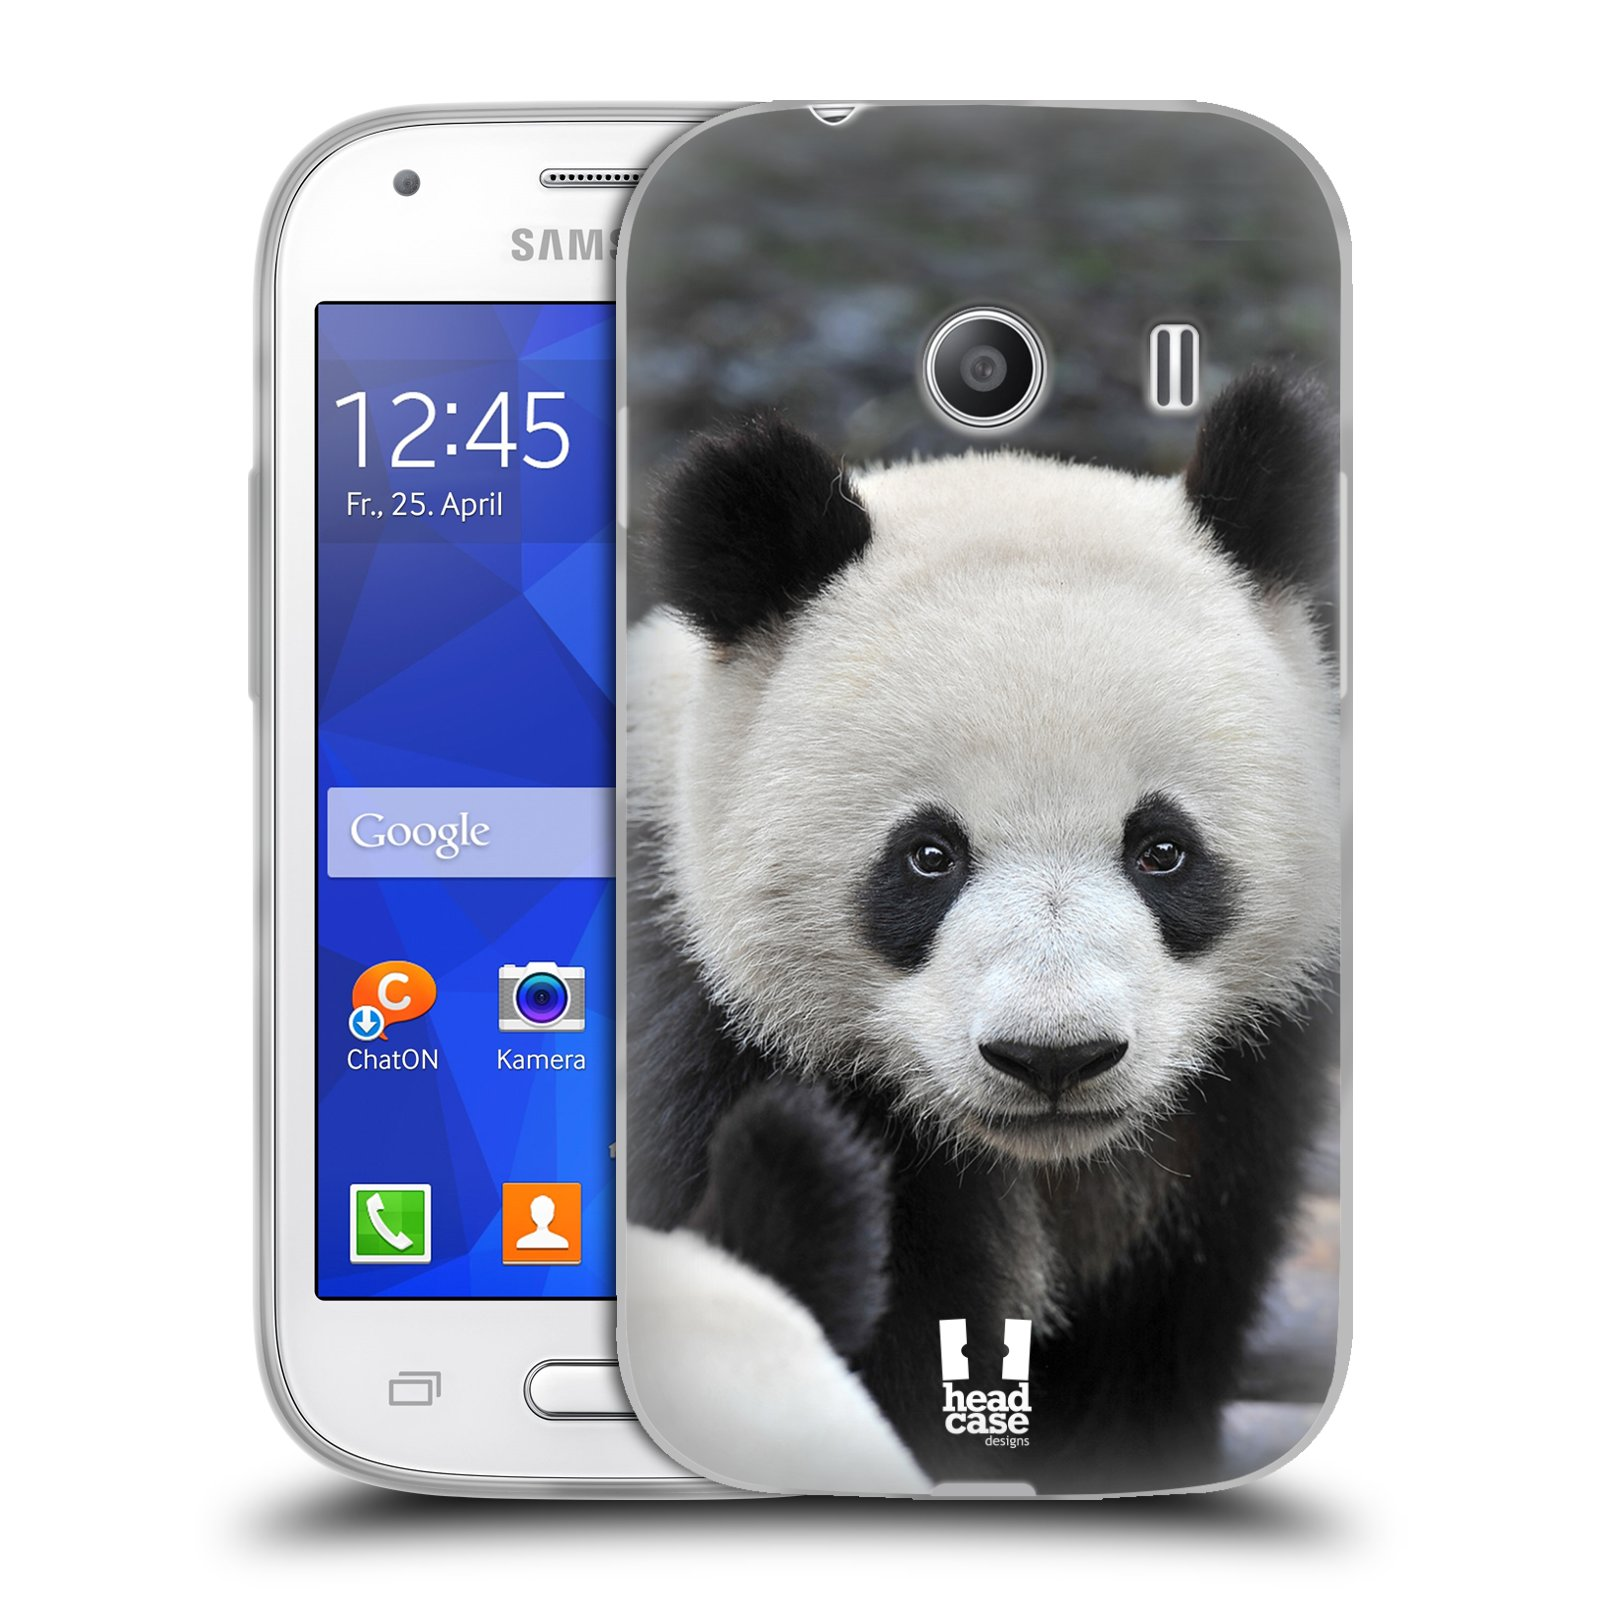 HEAD CASE silikonový obal na mobil Samsung Galaxy Ace Style (G310) vzor Divočina, Divoký život a zvířata foto MEDVĚD PANDA